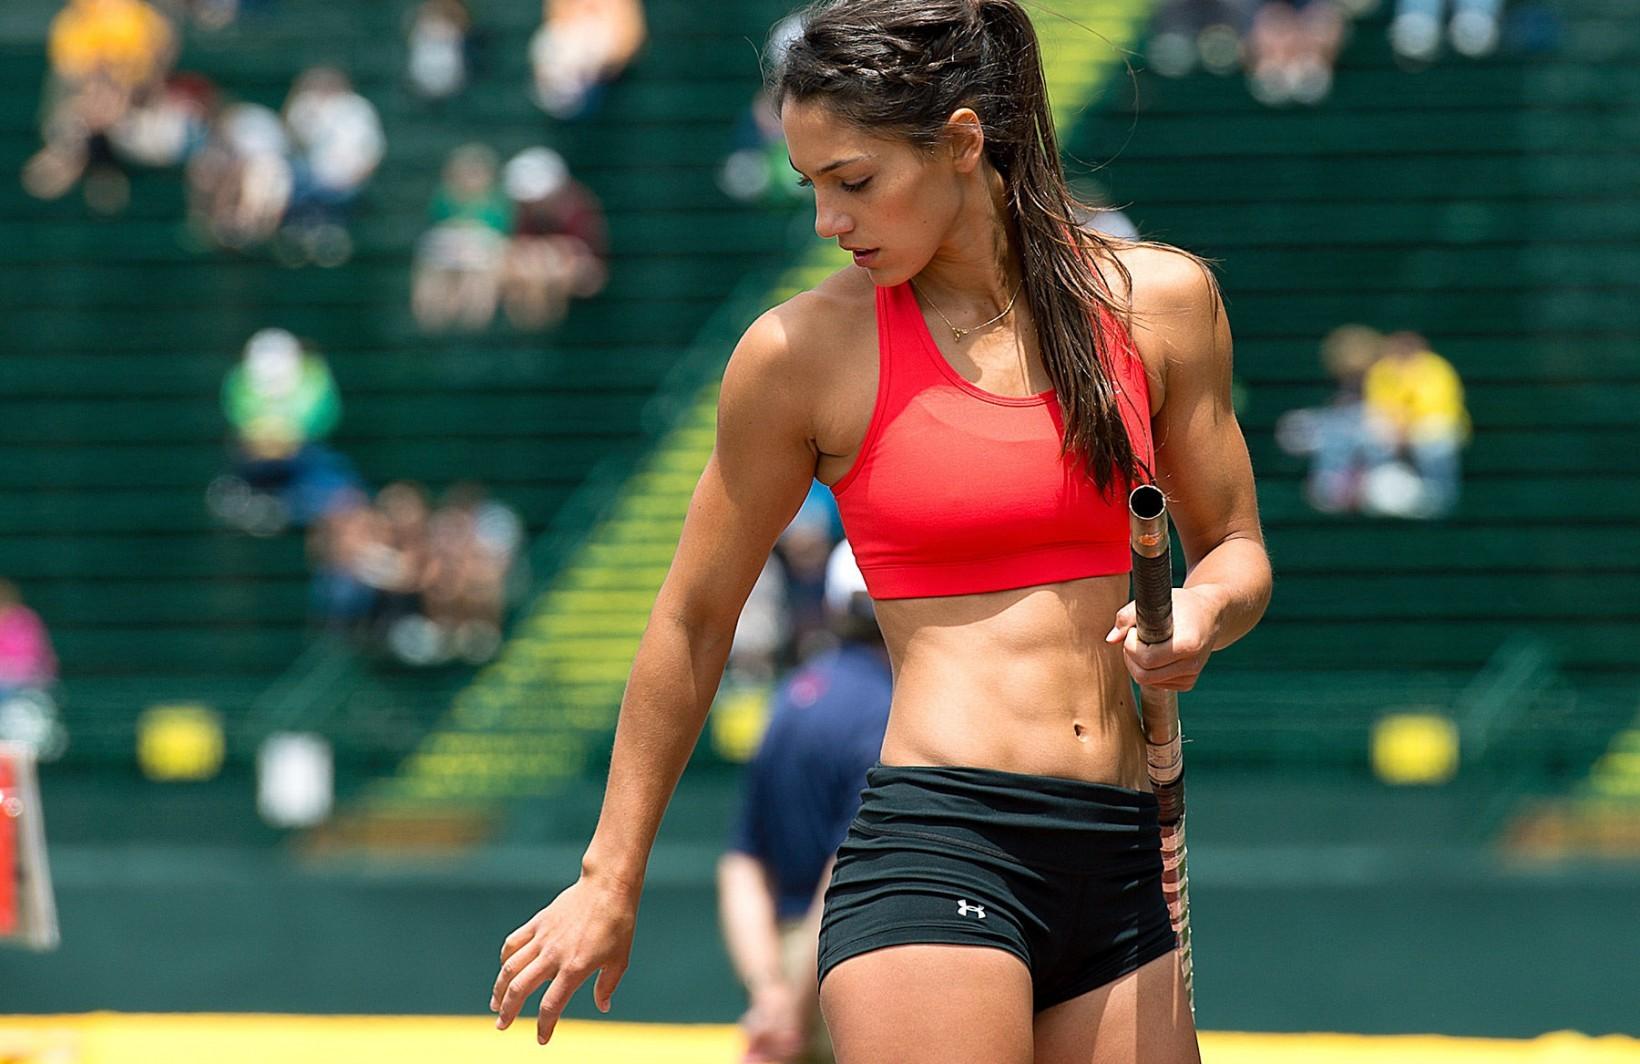 Фото 18 спортсменок, Спортивные девушки -фото. Спортсменки 14 фотография